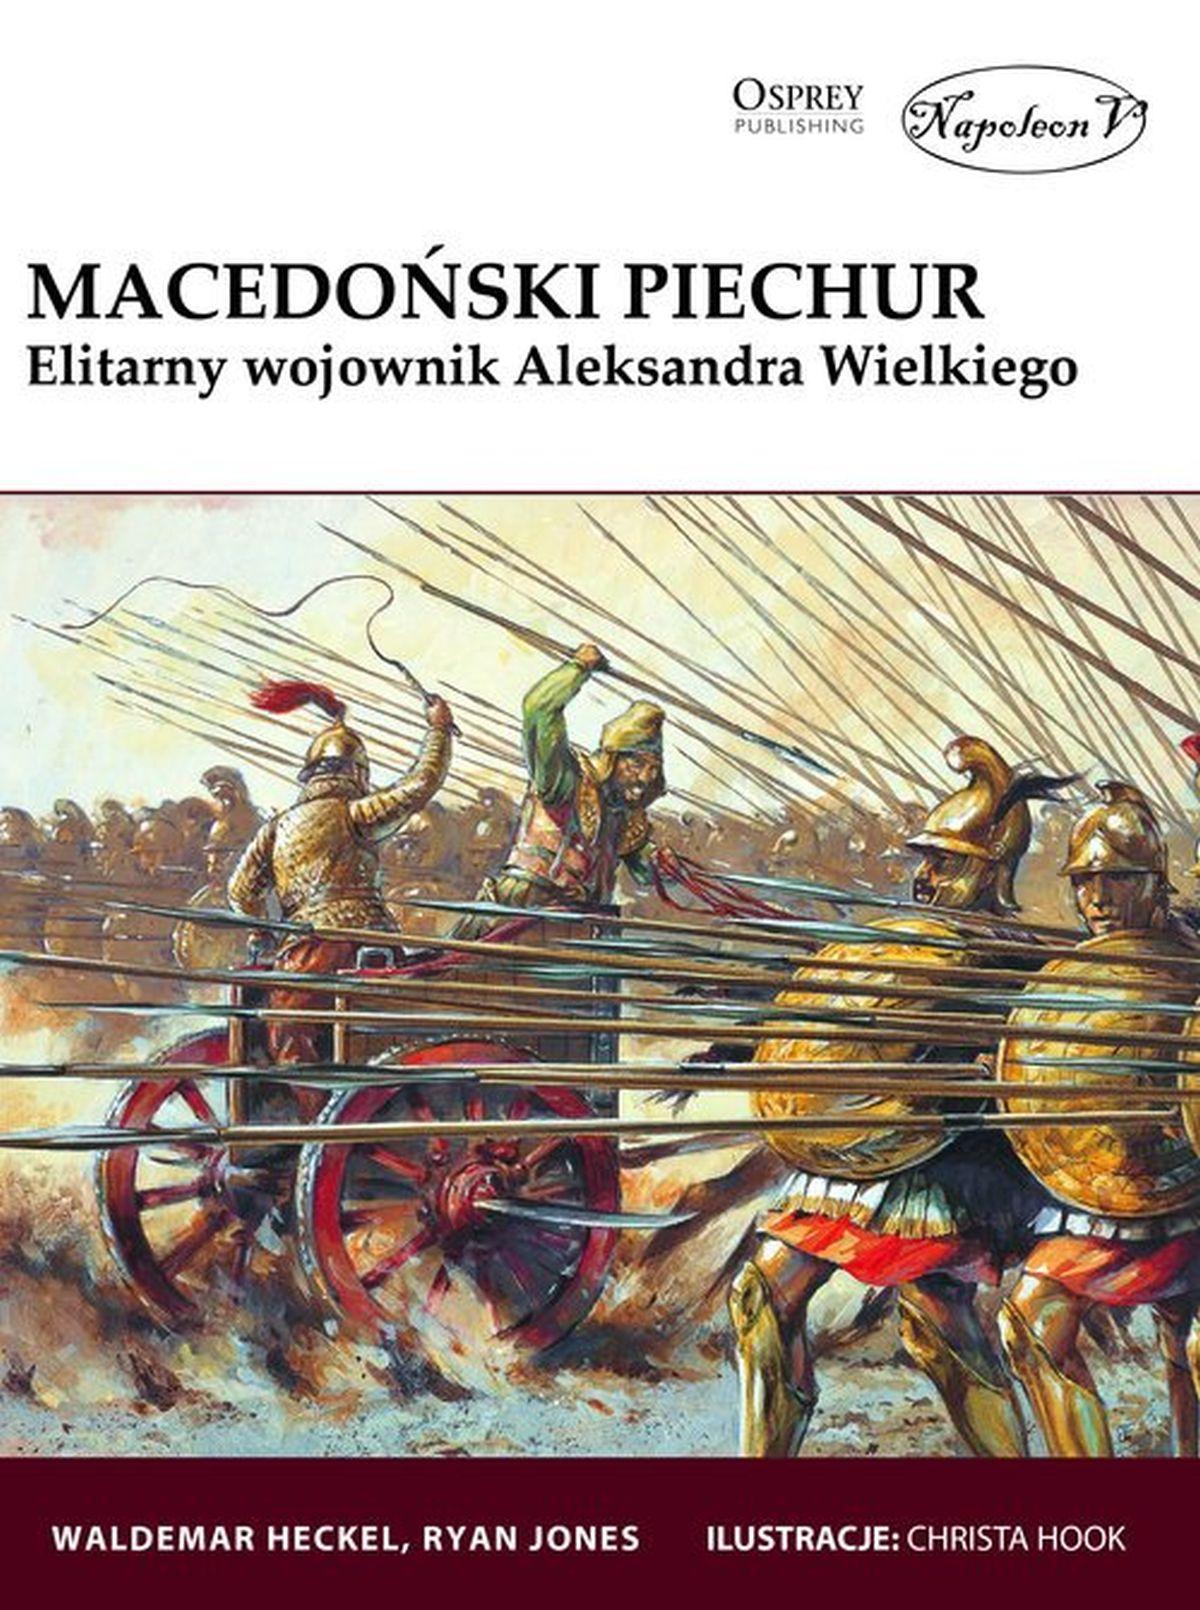 Waldemar Heckel, Ryan Jones, Macedoński piechur. Elitarny wojownik Aleksandra Wielkiego